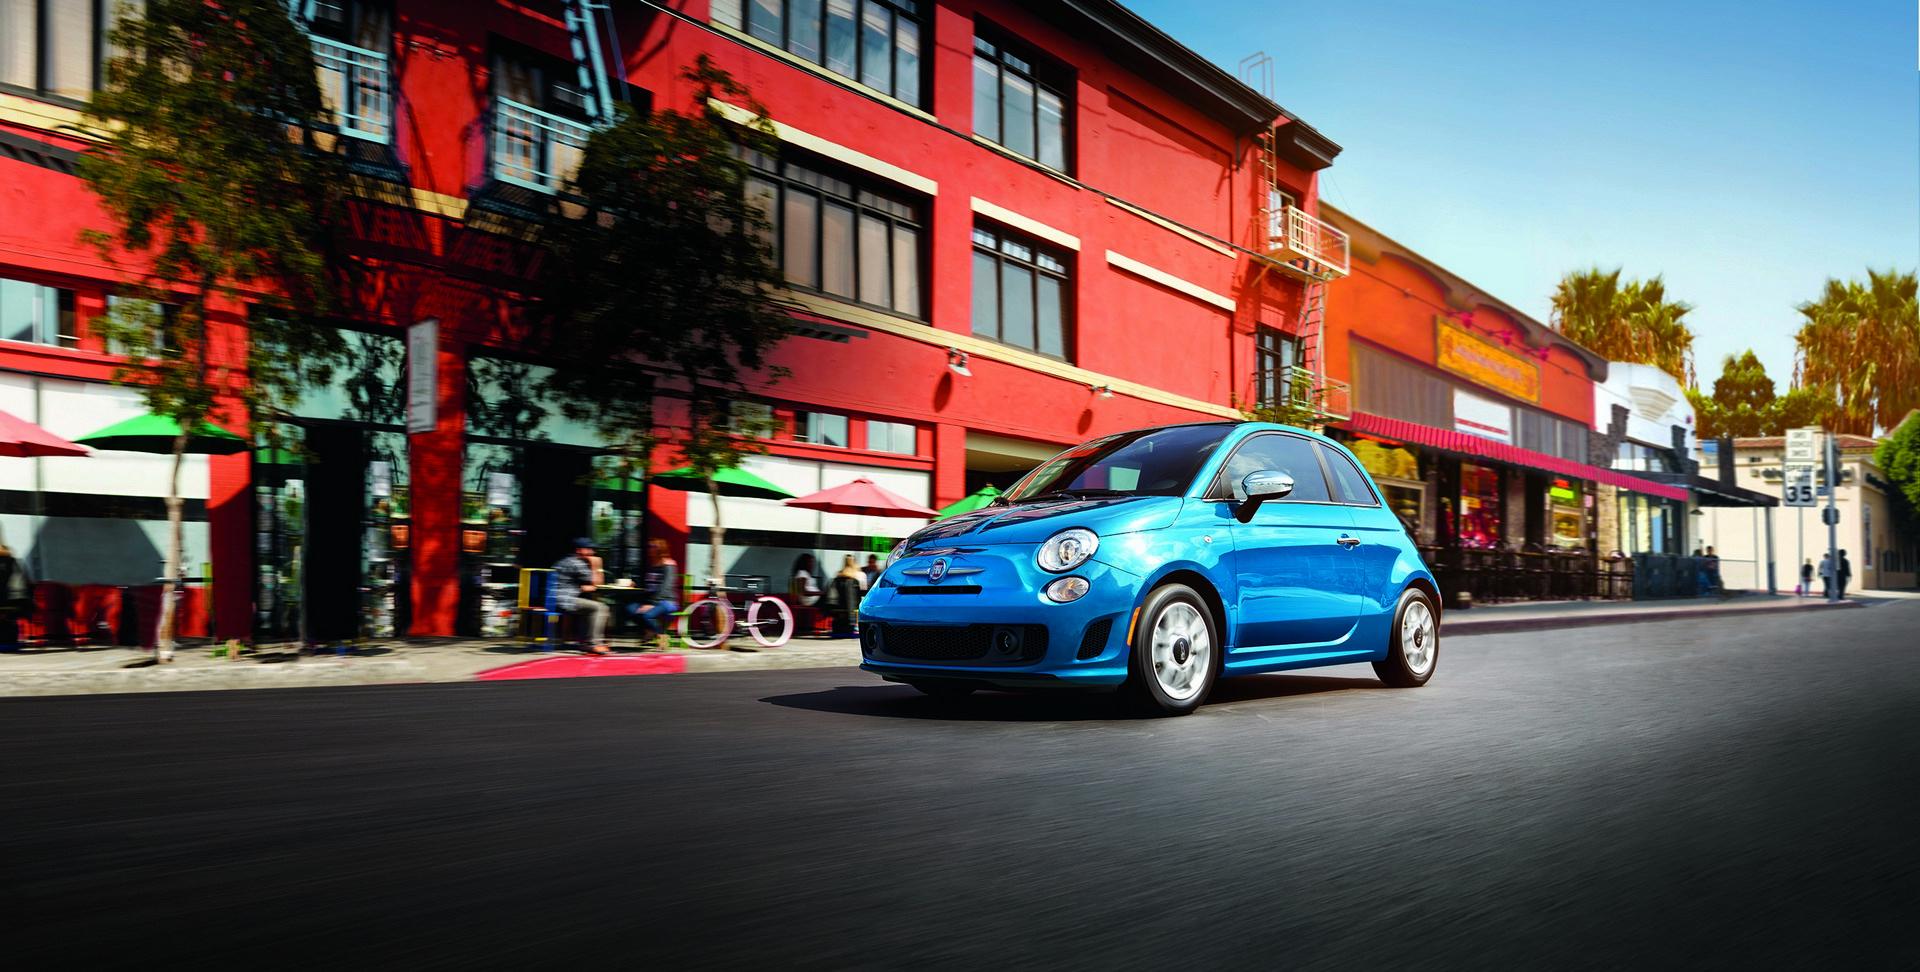 Автомобиль призван составить конкуренцию моделям Mini